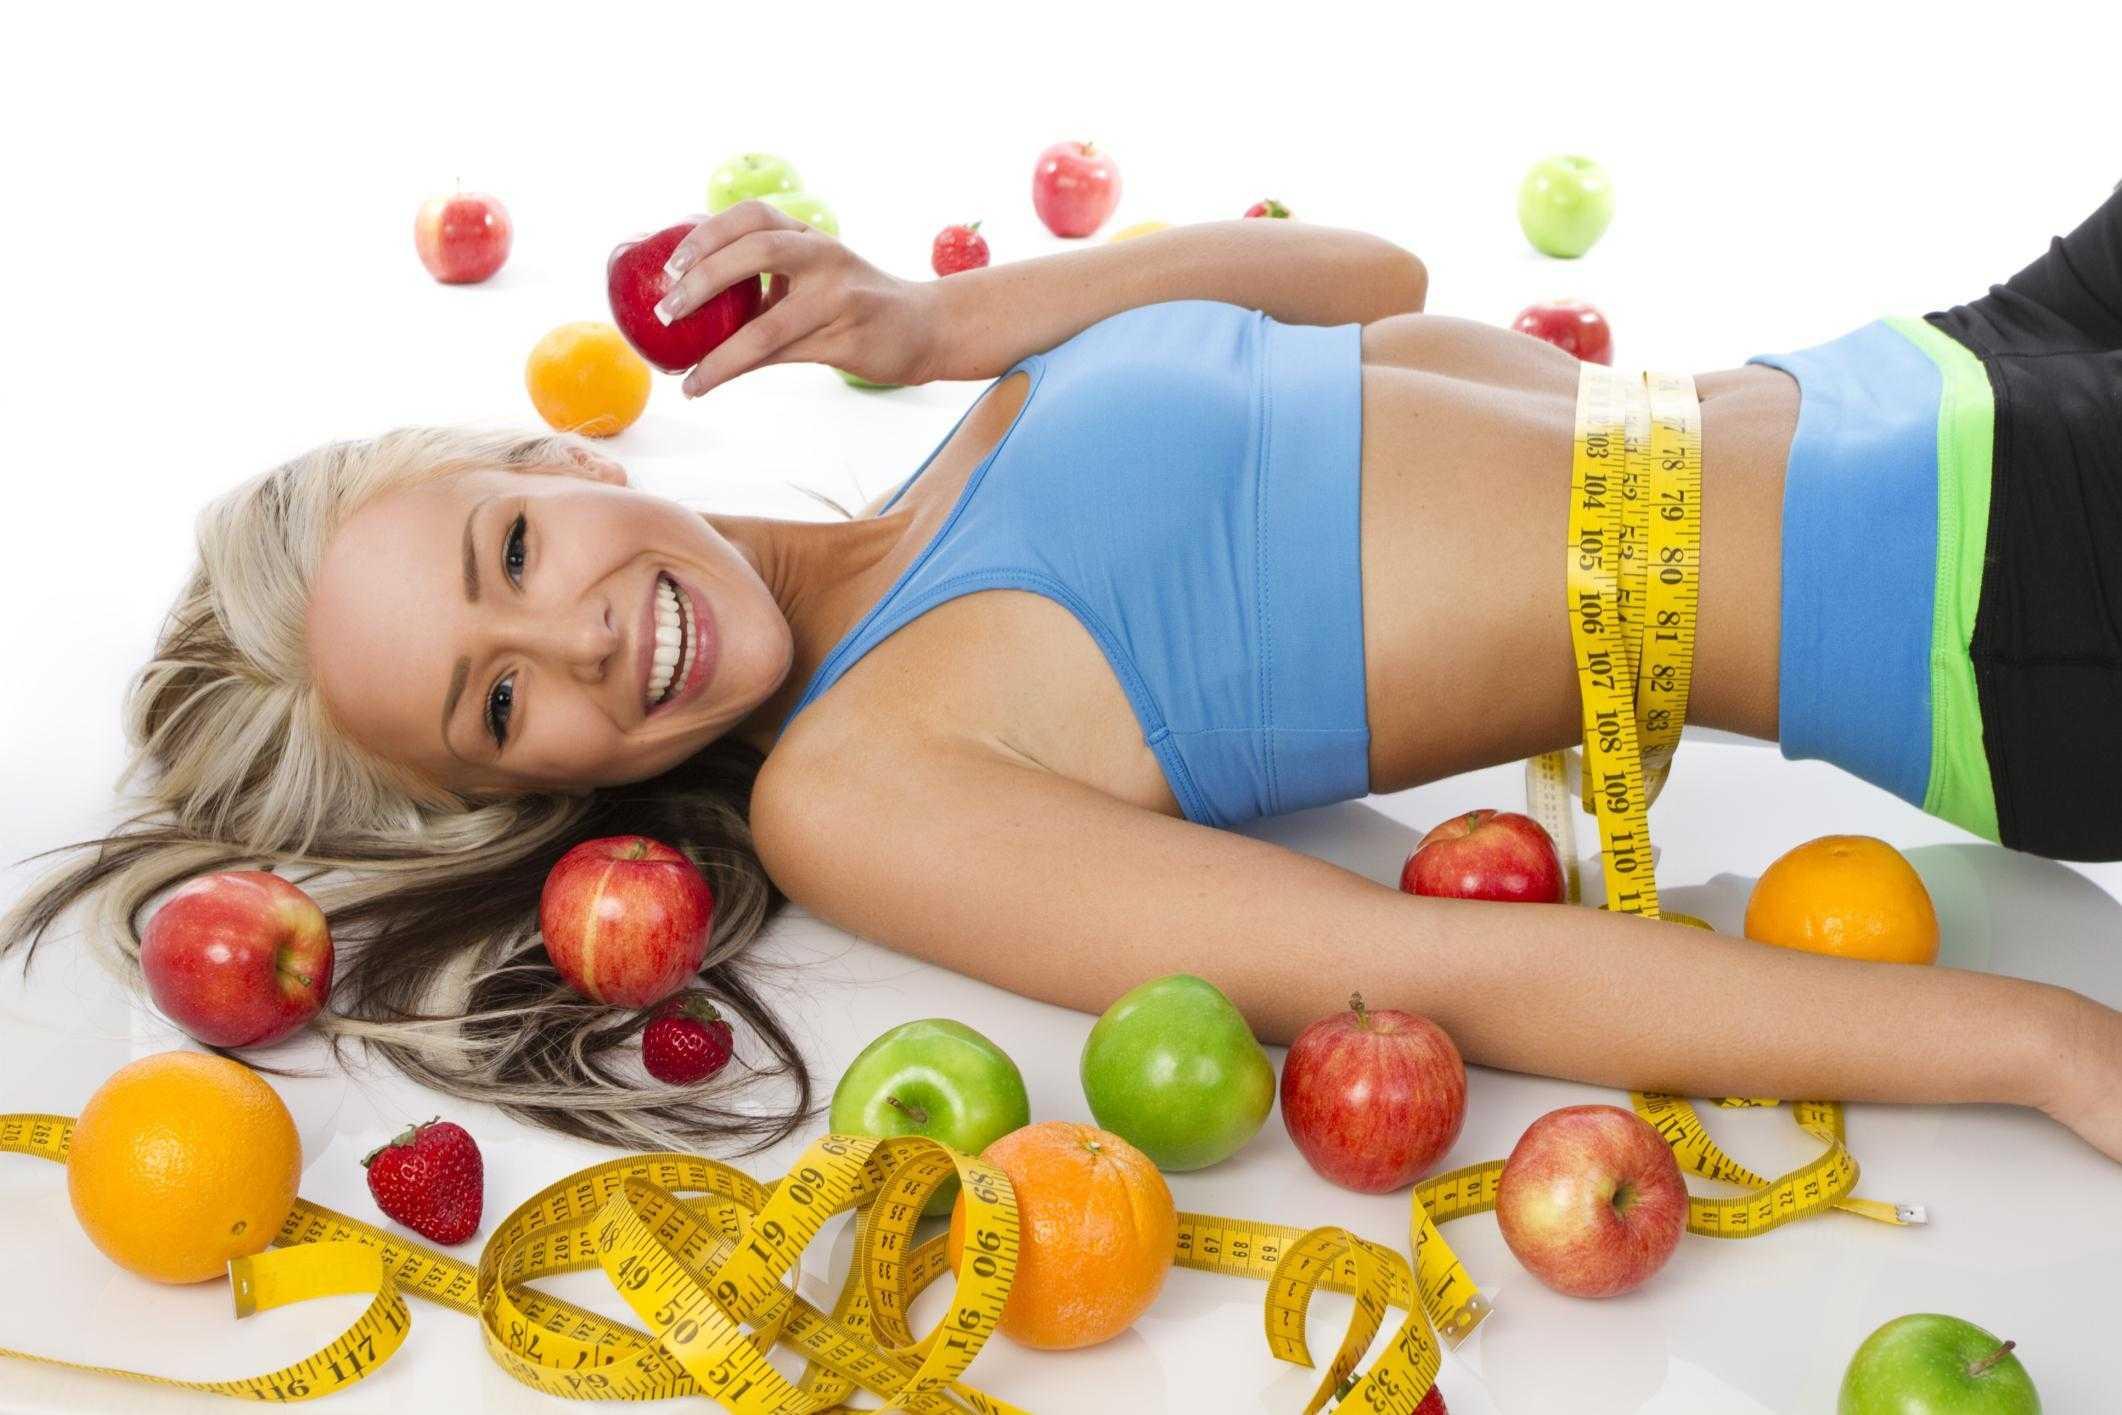 Какие фрукты и ягоды помогают снизить вес